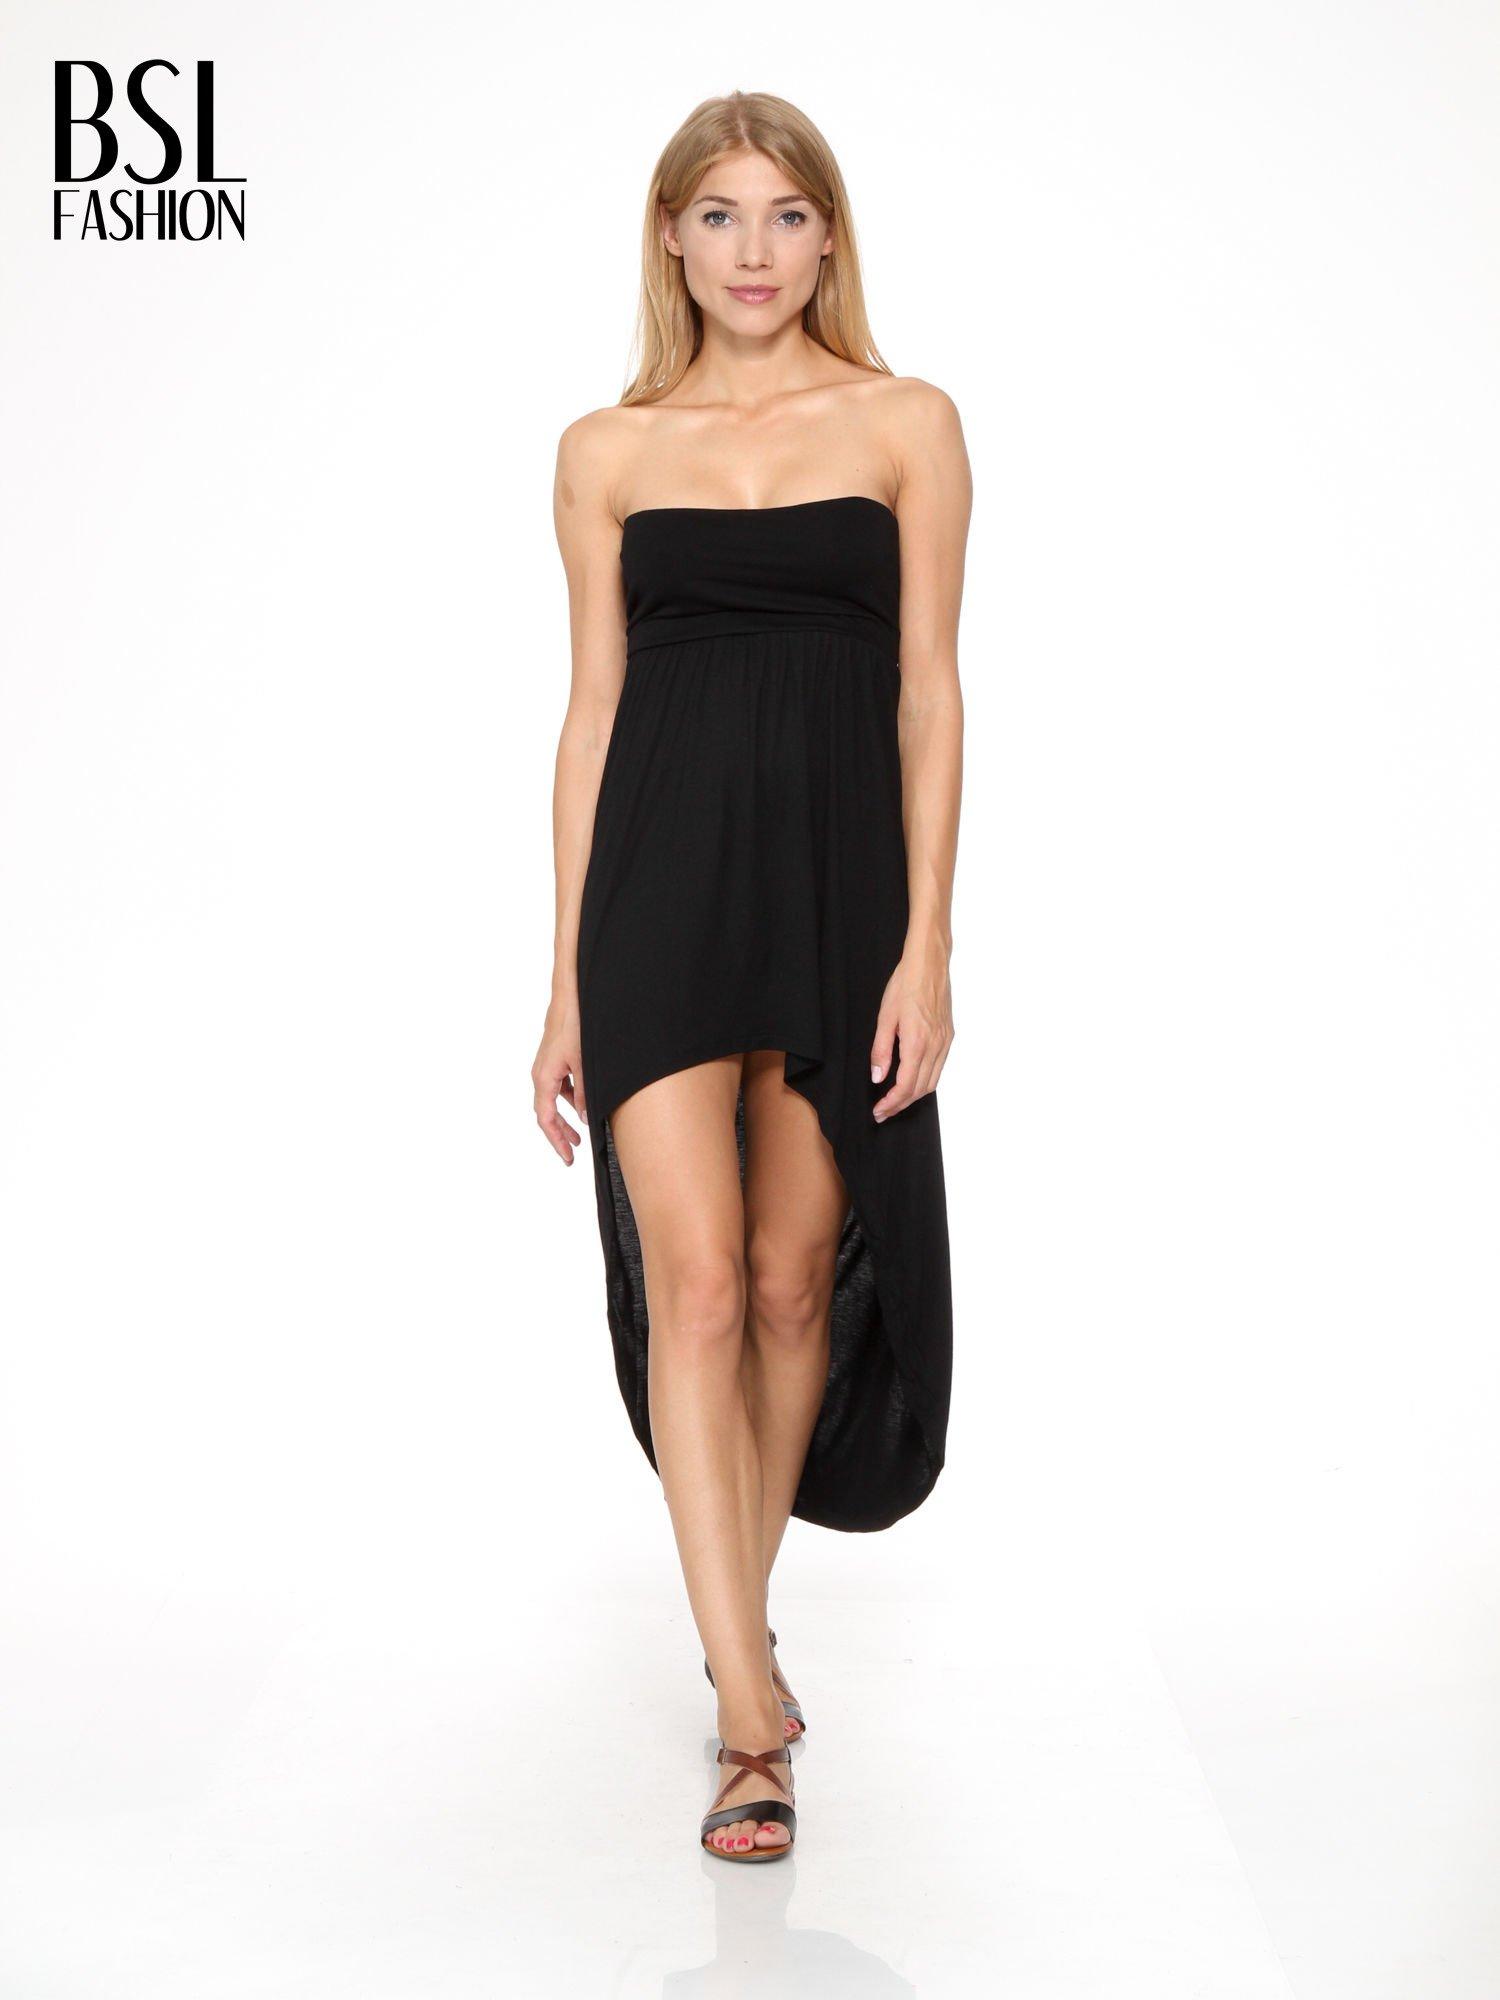 Czarna sukienka bez ramiączek z dłuższym tyłem                                  zdj.                                  1